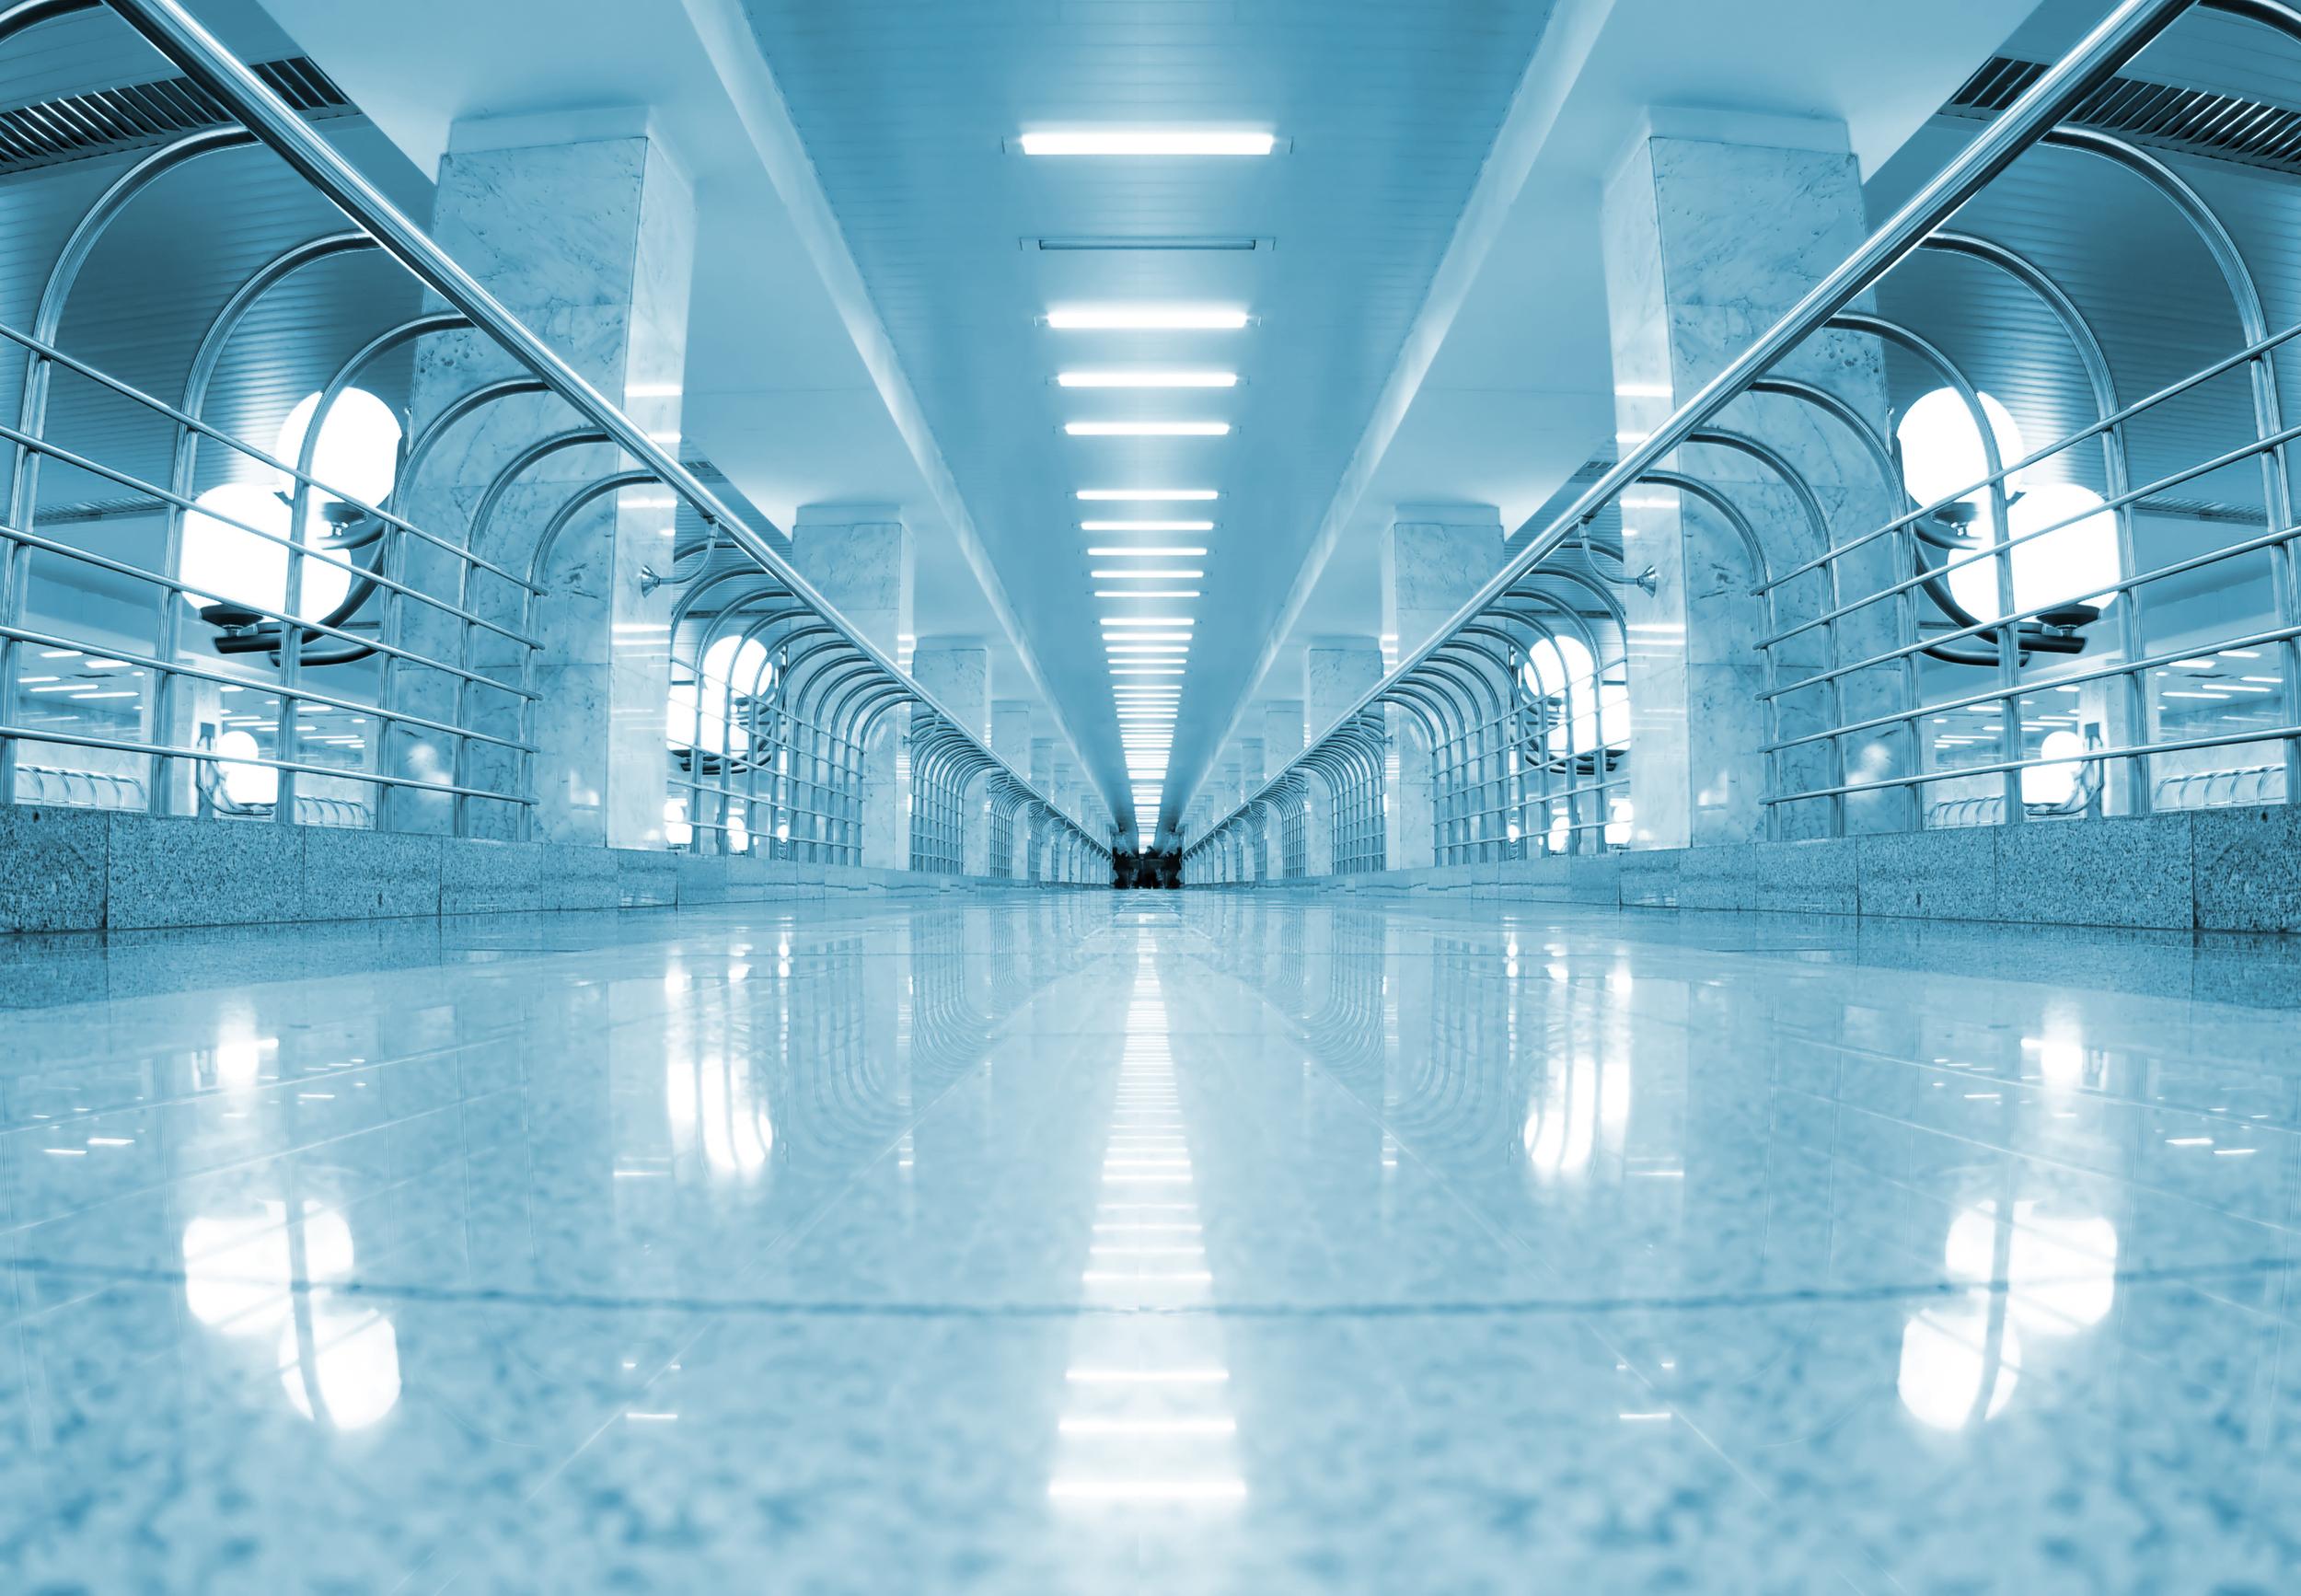 Oferujemy kompleksową usługę modernizacji instalacji oświetleniowych opartych na technologii LED pozwalającą na zaoszczędzenie do 90% pobieranej energii  OSZCZĘDNOŚĆ WYDAJNOŚĆ NIEZAWODNOŚĆ